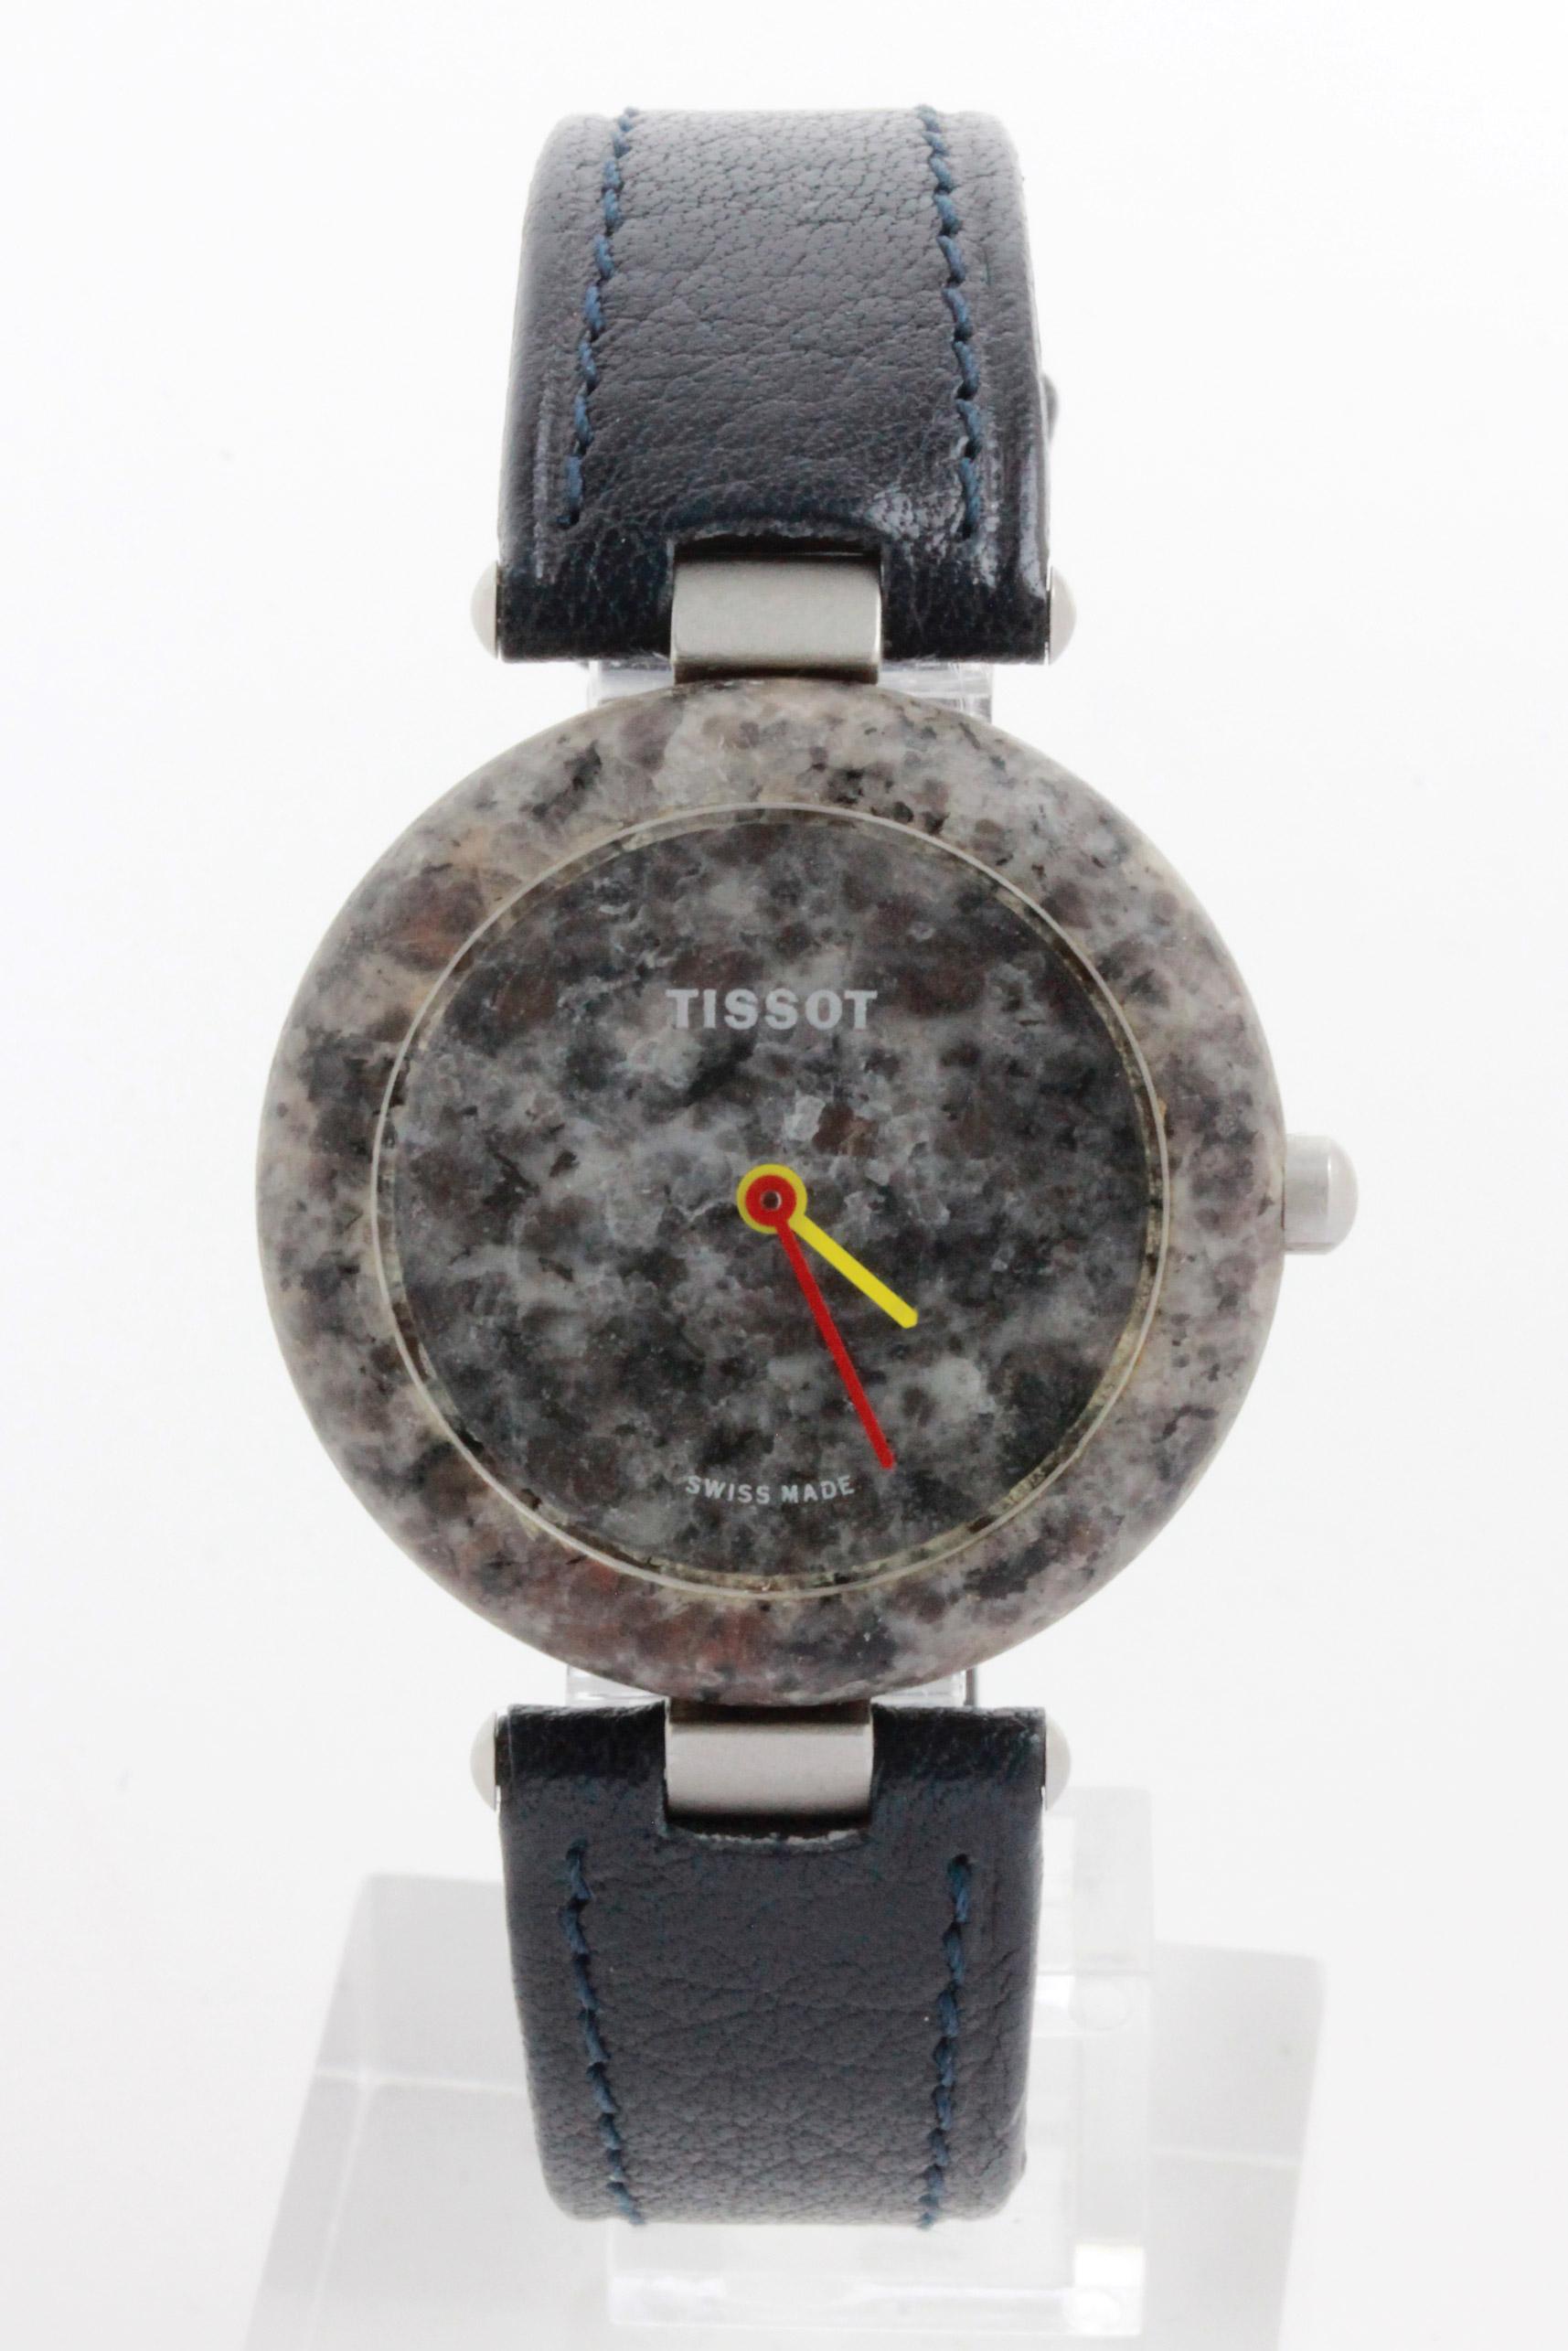 D/ Tissot Rock Watch quarzo, anni '80, 30 mm. Tissot Rock Watch quarzo, anni '80. Ref. R. 150. Cassa granito. Vetro minerale, quadrante granito con sfera ore gialla e sfera minuti rossa. 30 mm. Cinturino in pelle originale Tissot. Fibbia originale .